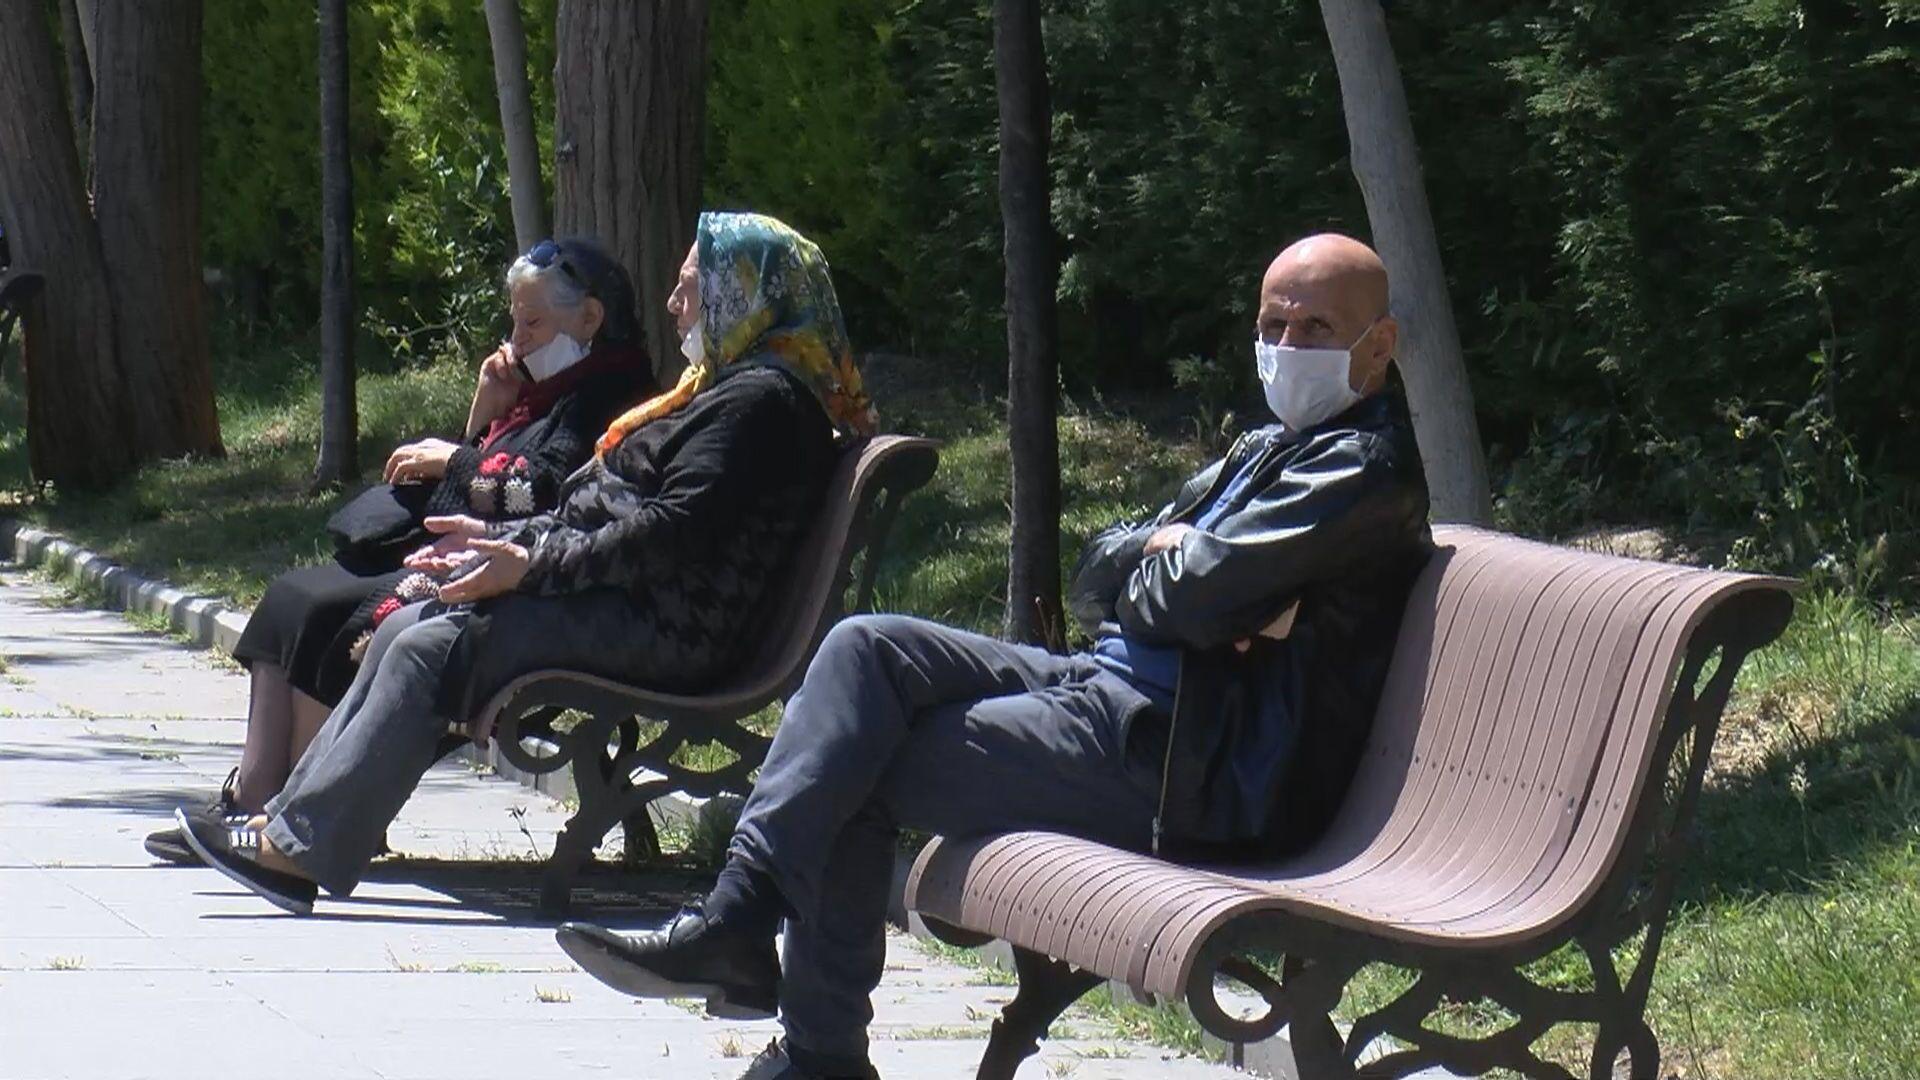 Maskeli yaşlı vatandaşlar - Sputnik Türkiye, 1920, 19.09.2021